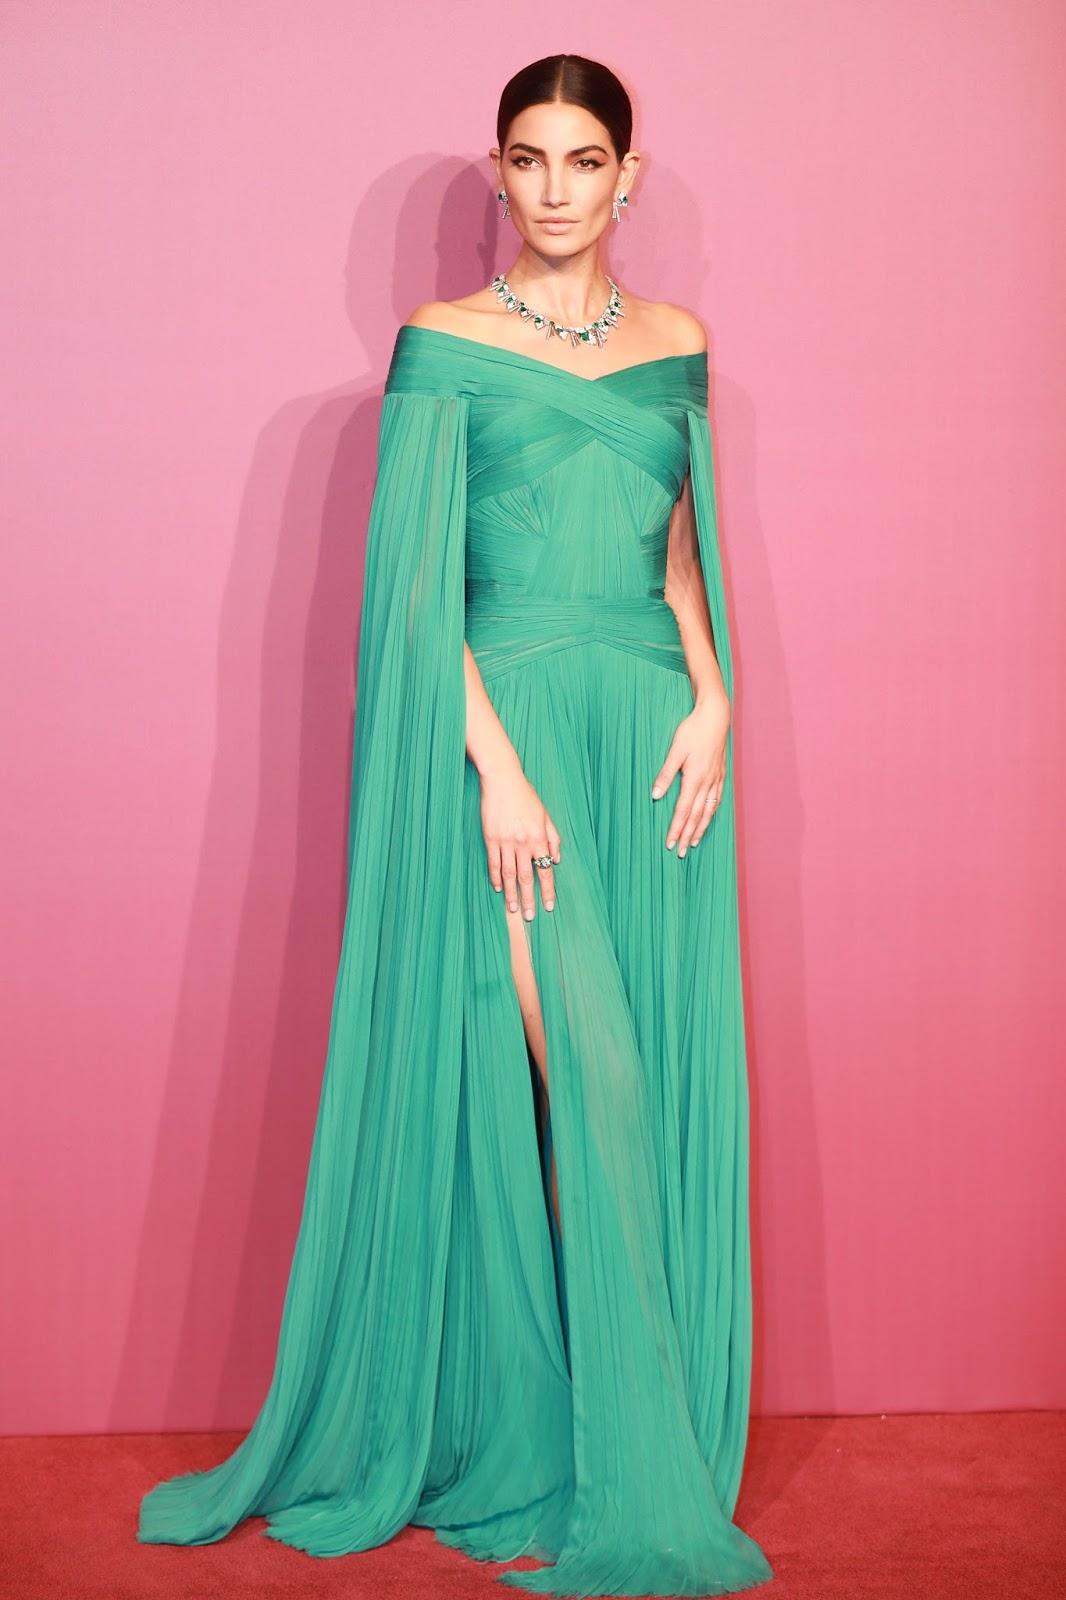 2017 - Dos mujeres y un vestido